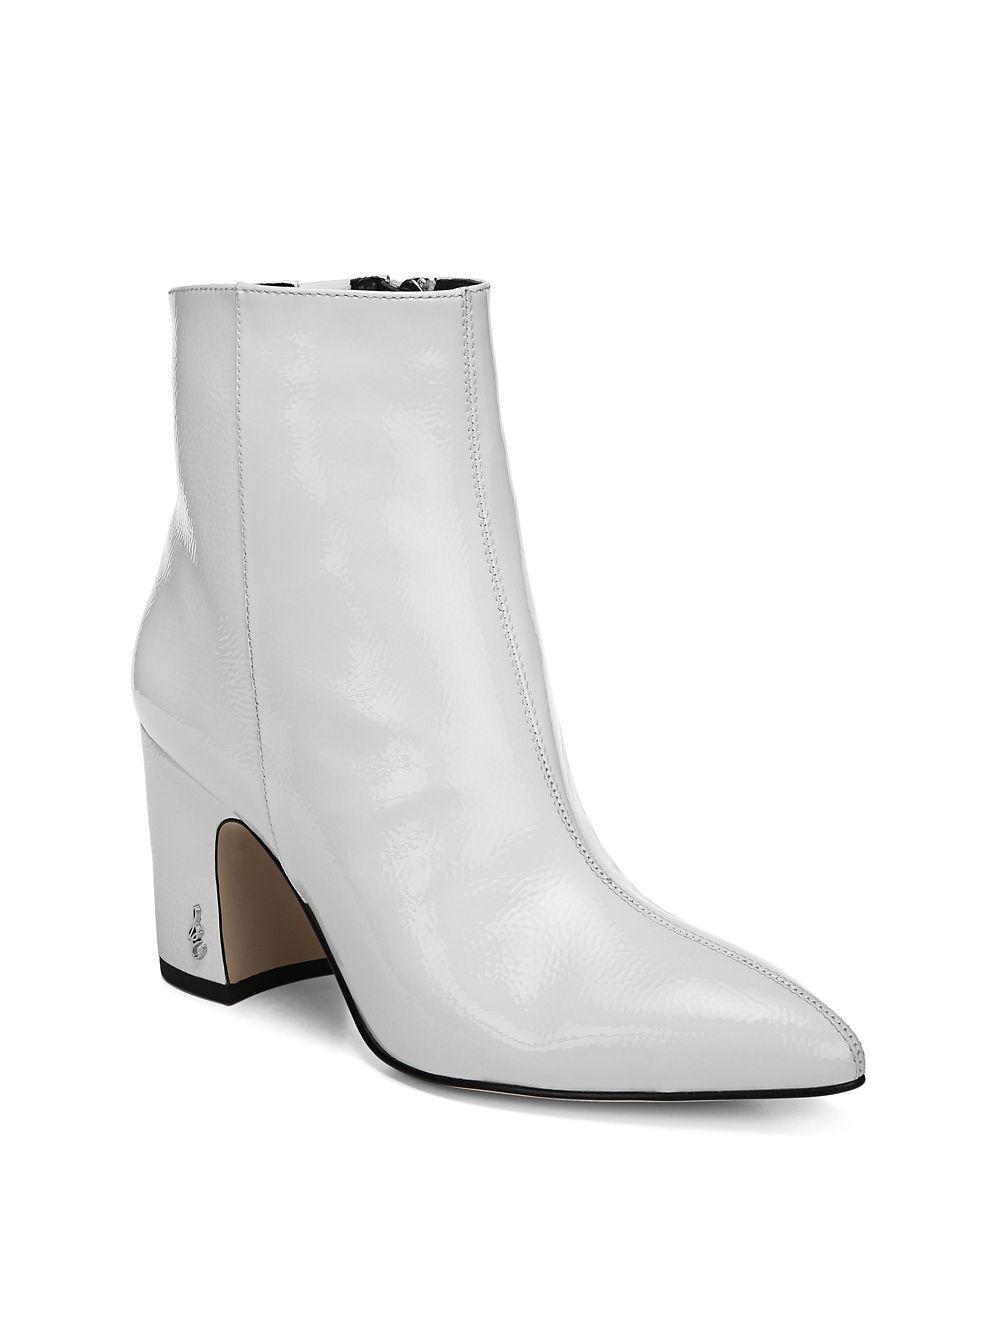 c8e601a7e048 Sam Edelman Hilty 2 Patent Boots in White - Lyst